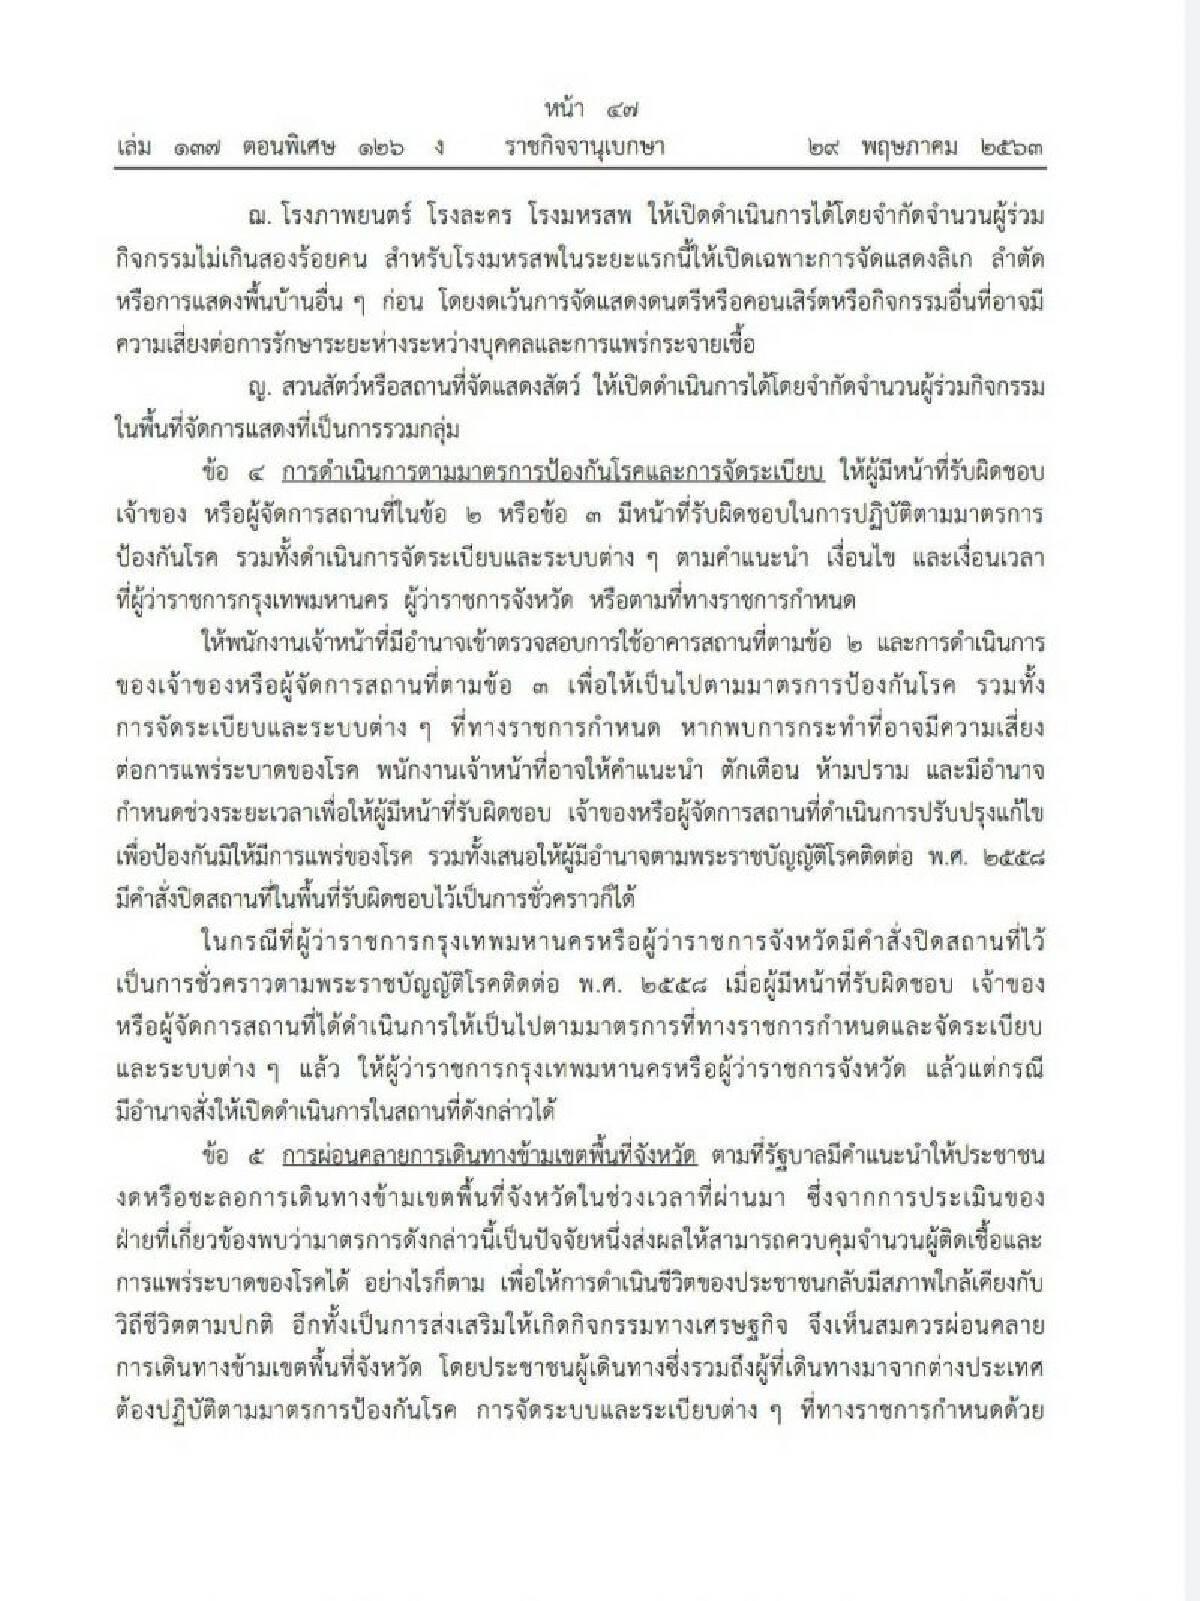 ข้อกำหนดออกตามความในมาตรา 9 แห่งพระราชกำหนดการบริหารราชการในสถานการณ์ฉุกเฉินพ.ศ. 2548 (ฉบับที่9 )